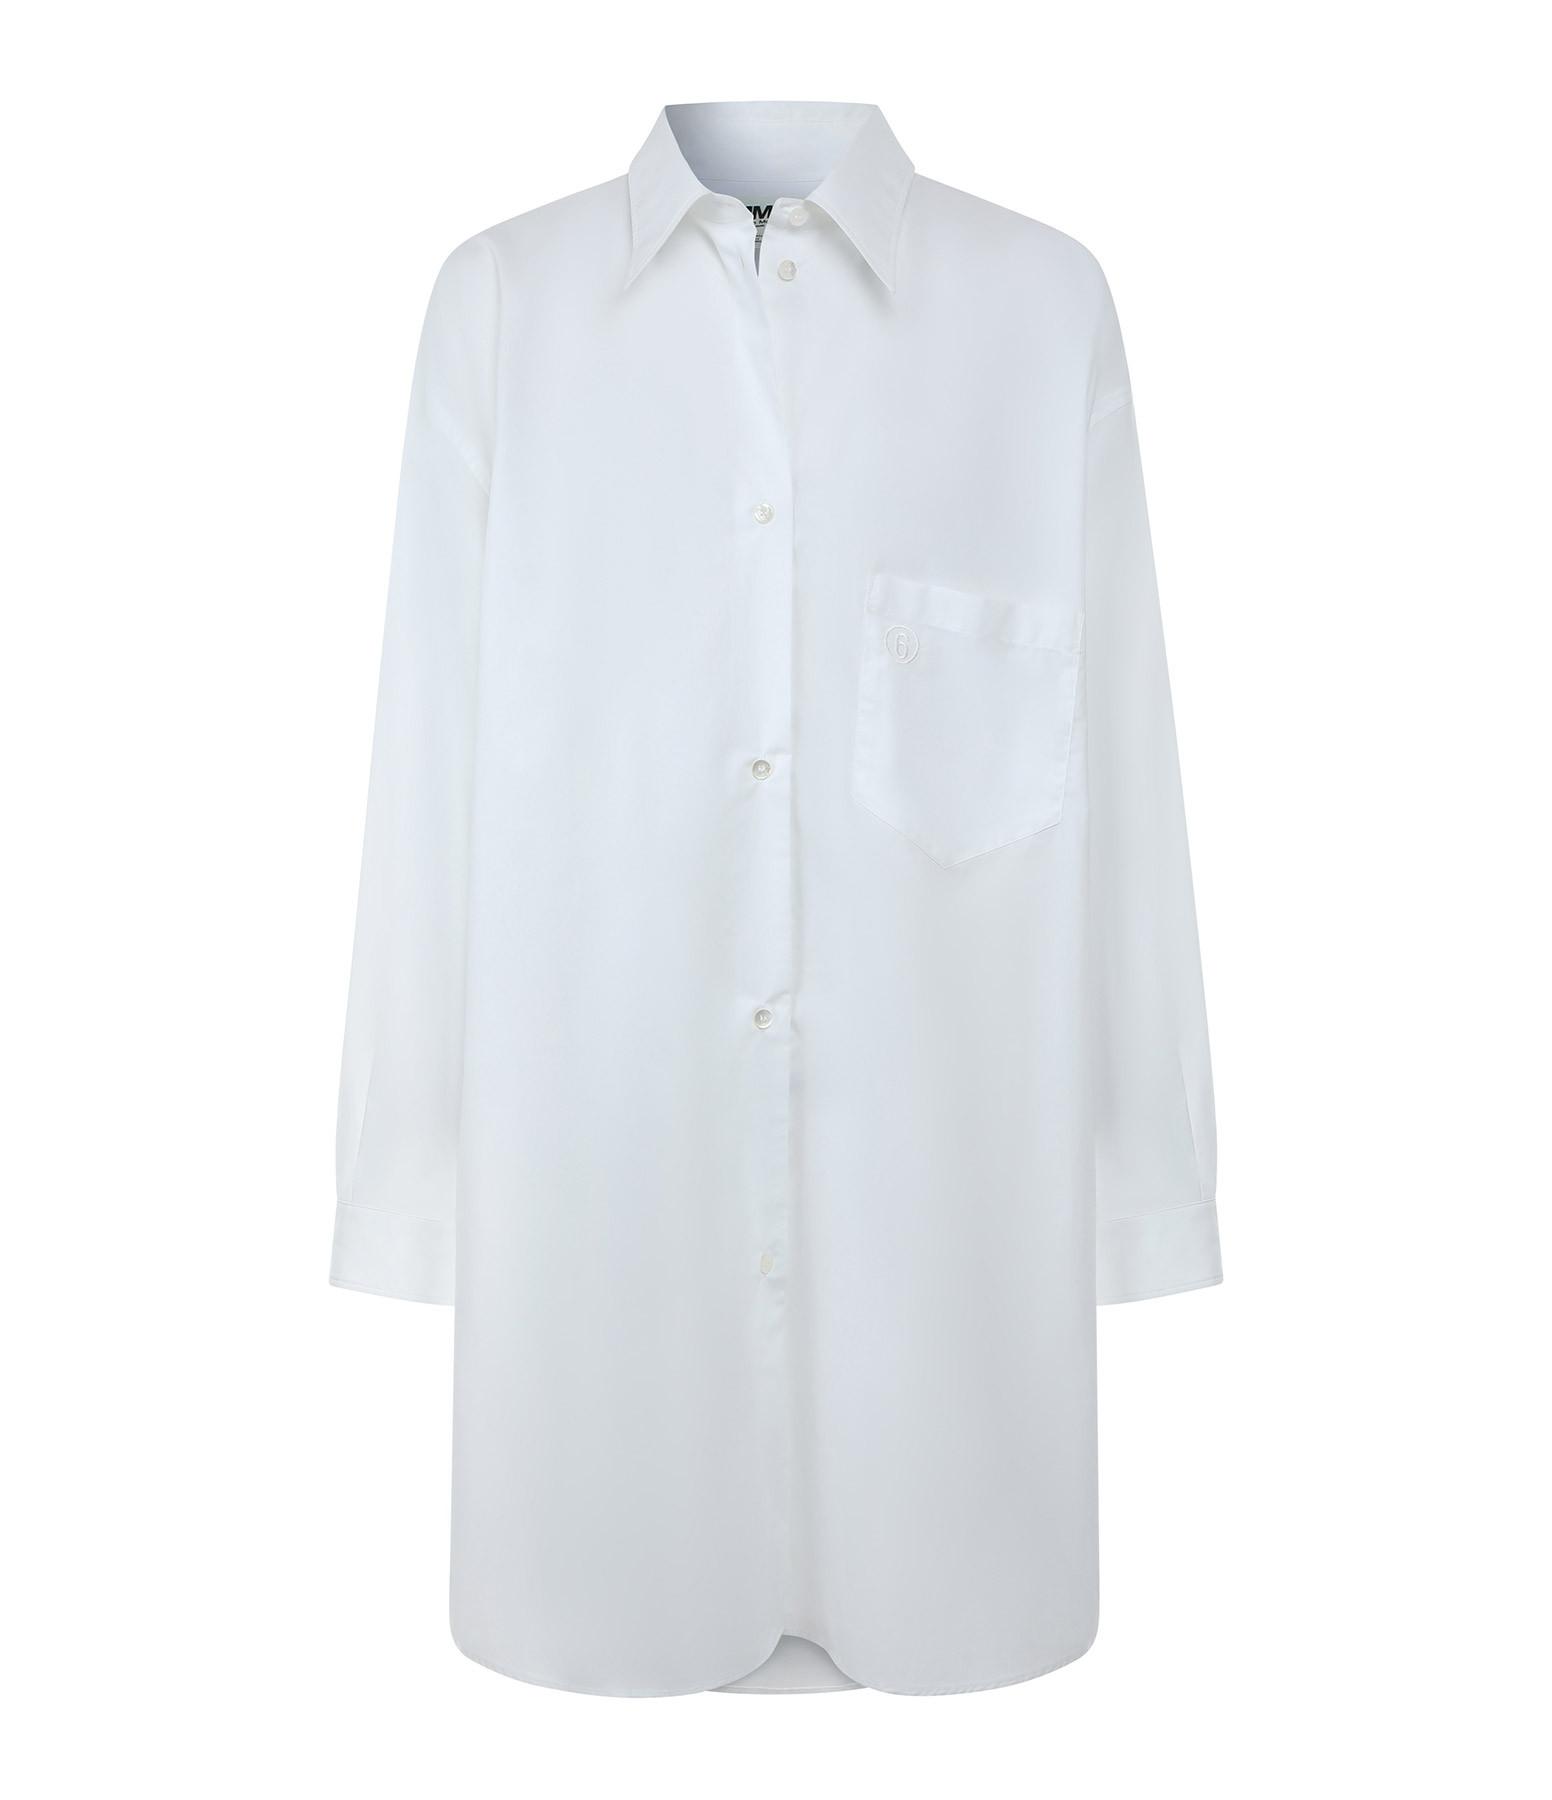 MM6 MAISON MARGIELA - Robe Oversize Blanc